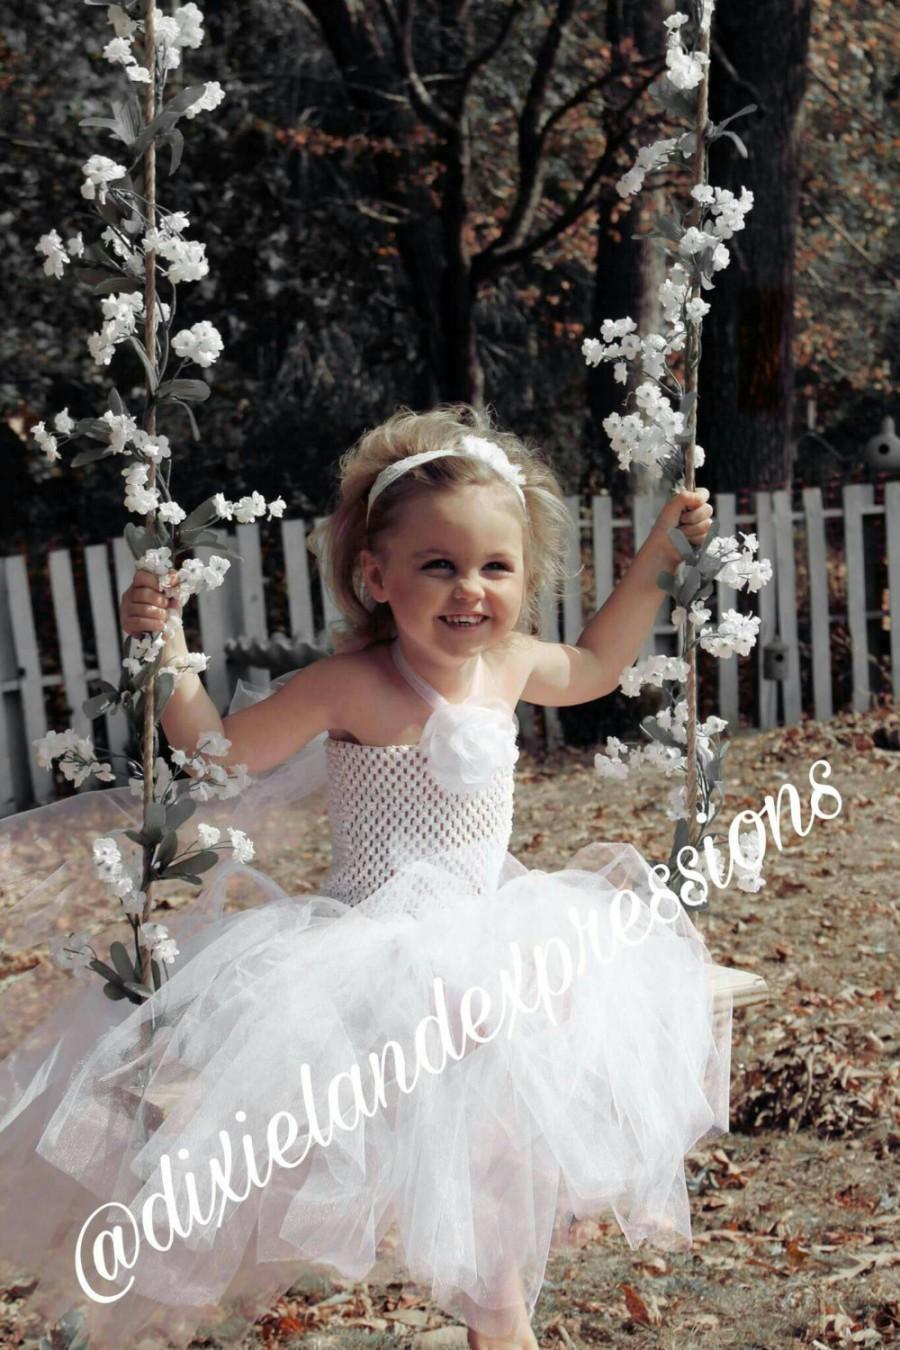 Свадьба - White tulle flower girl dress, Toddler Tutu dress tulle, Wedding Tutu tulle flower girl dress, Toddler special occasion outfit,  Party dress